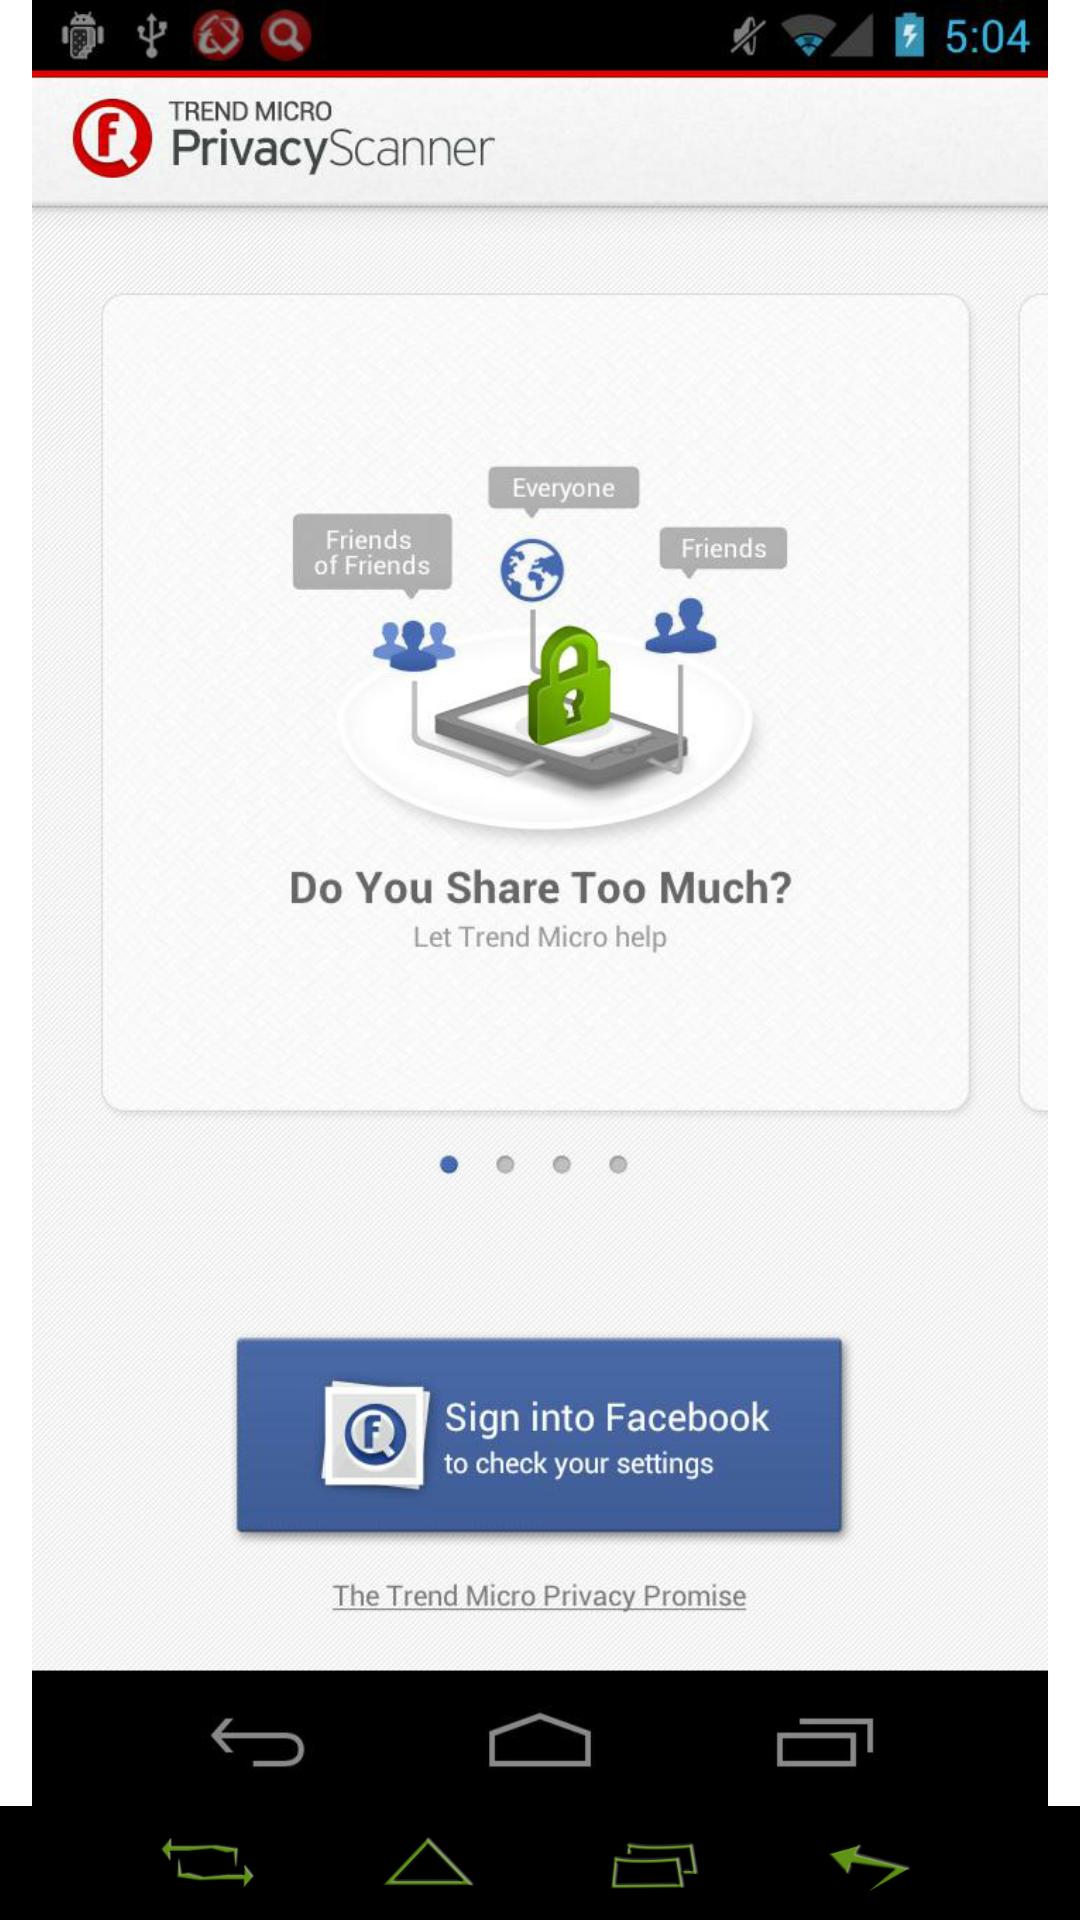 [APPLICATION ANDROID - Privacy Scanner for Facebook] protéger ses données privées sur ce réseau social [Gratuit][17.02.2014] QOsaeg78